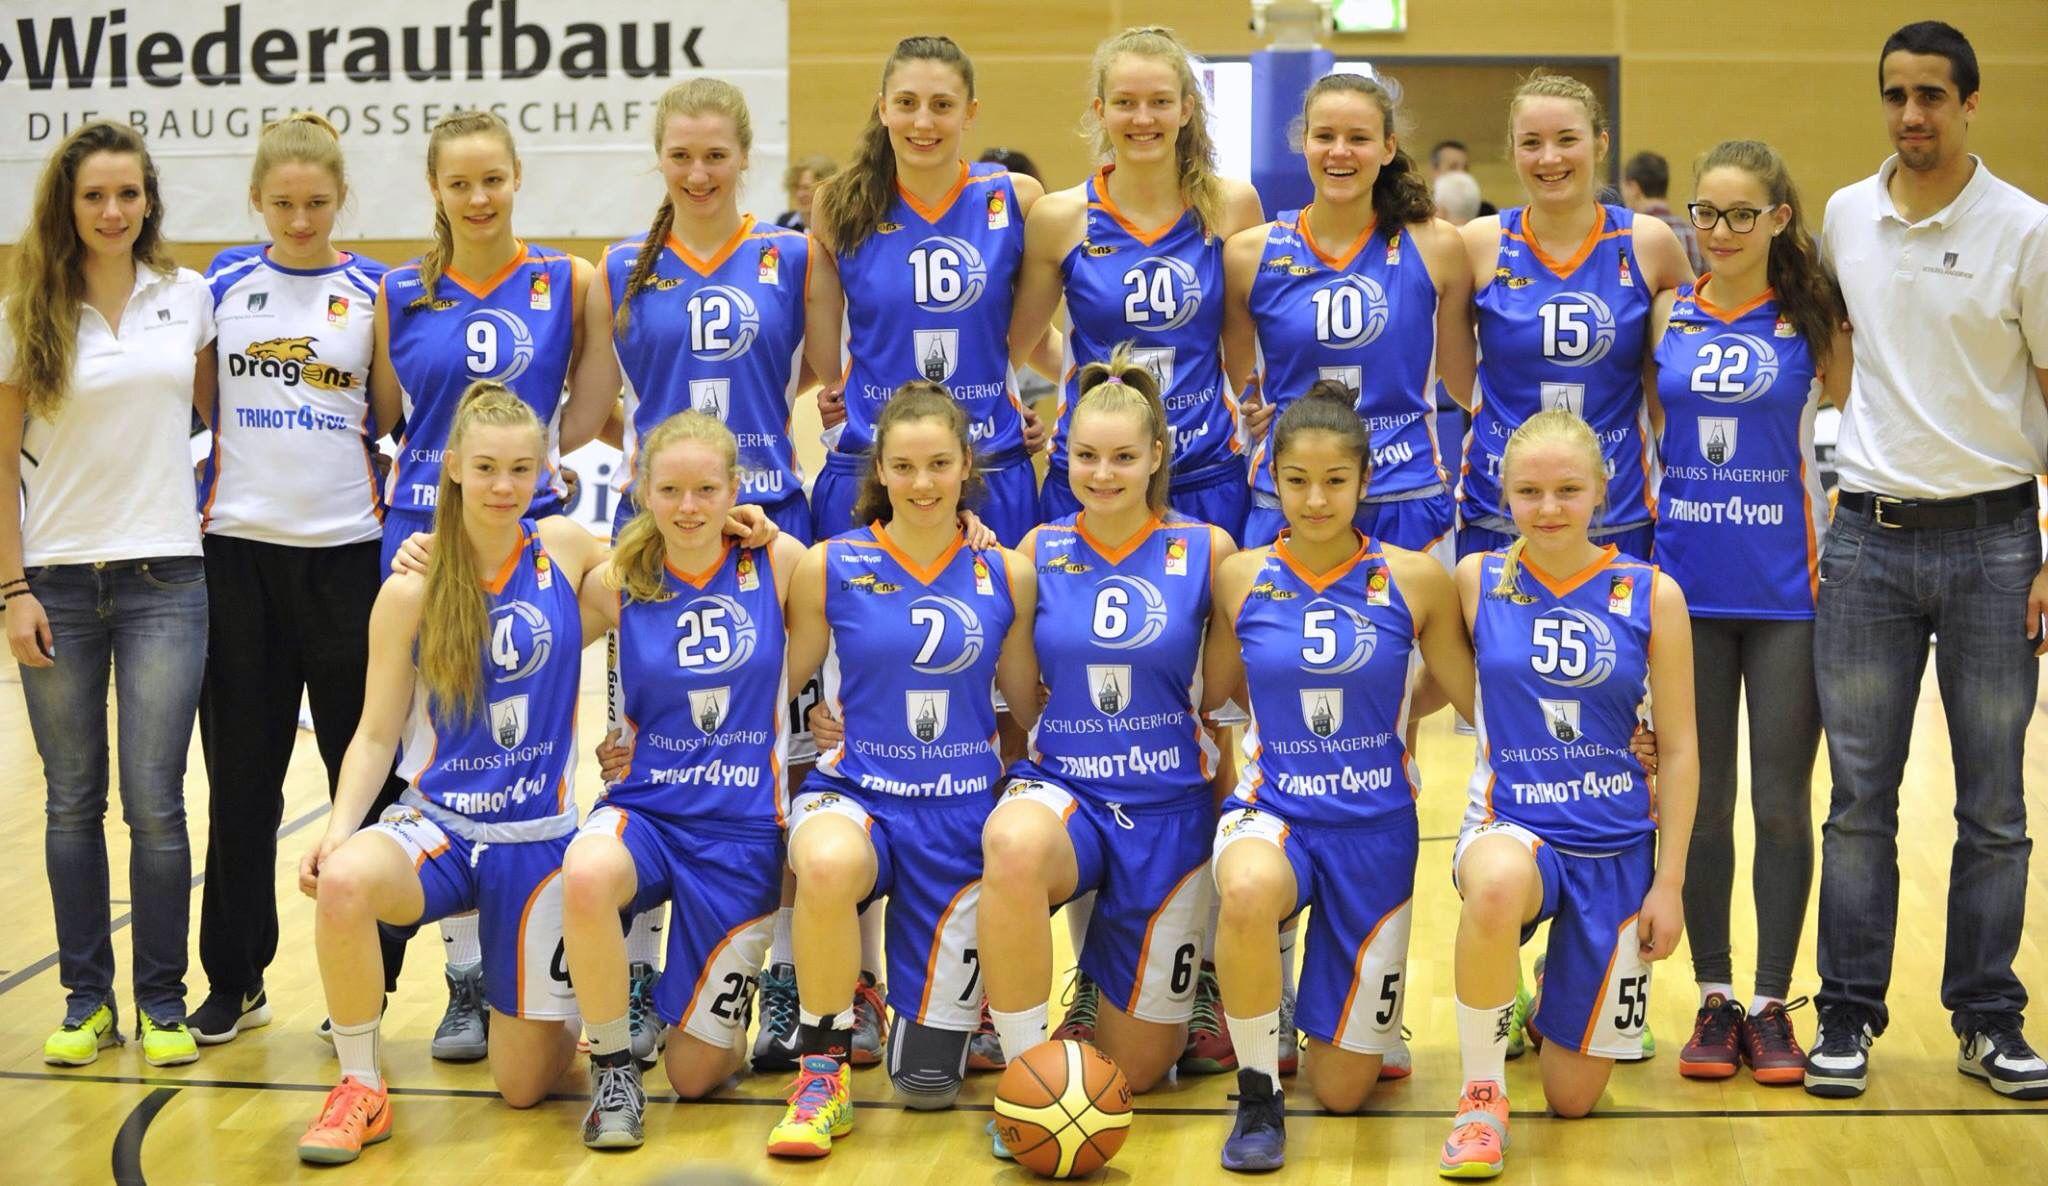 Dragons Rhöndorf kämpfen um den deutschen Meistertitel